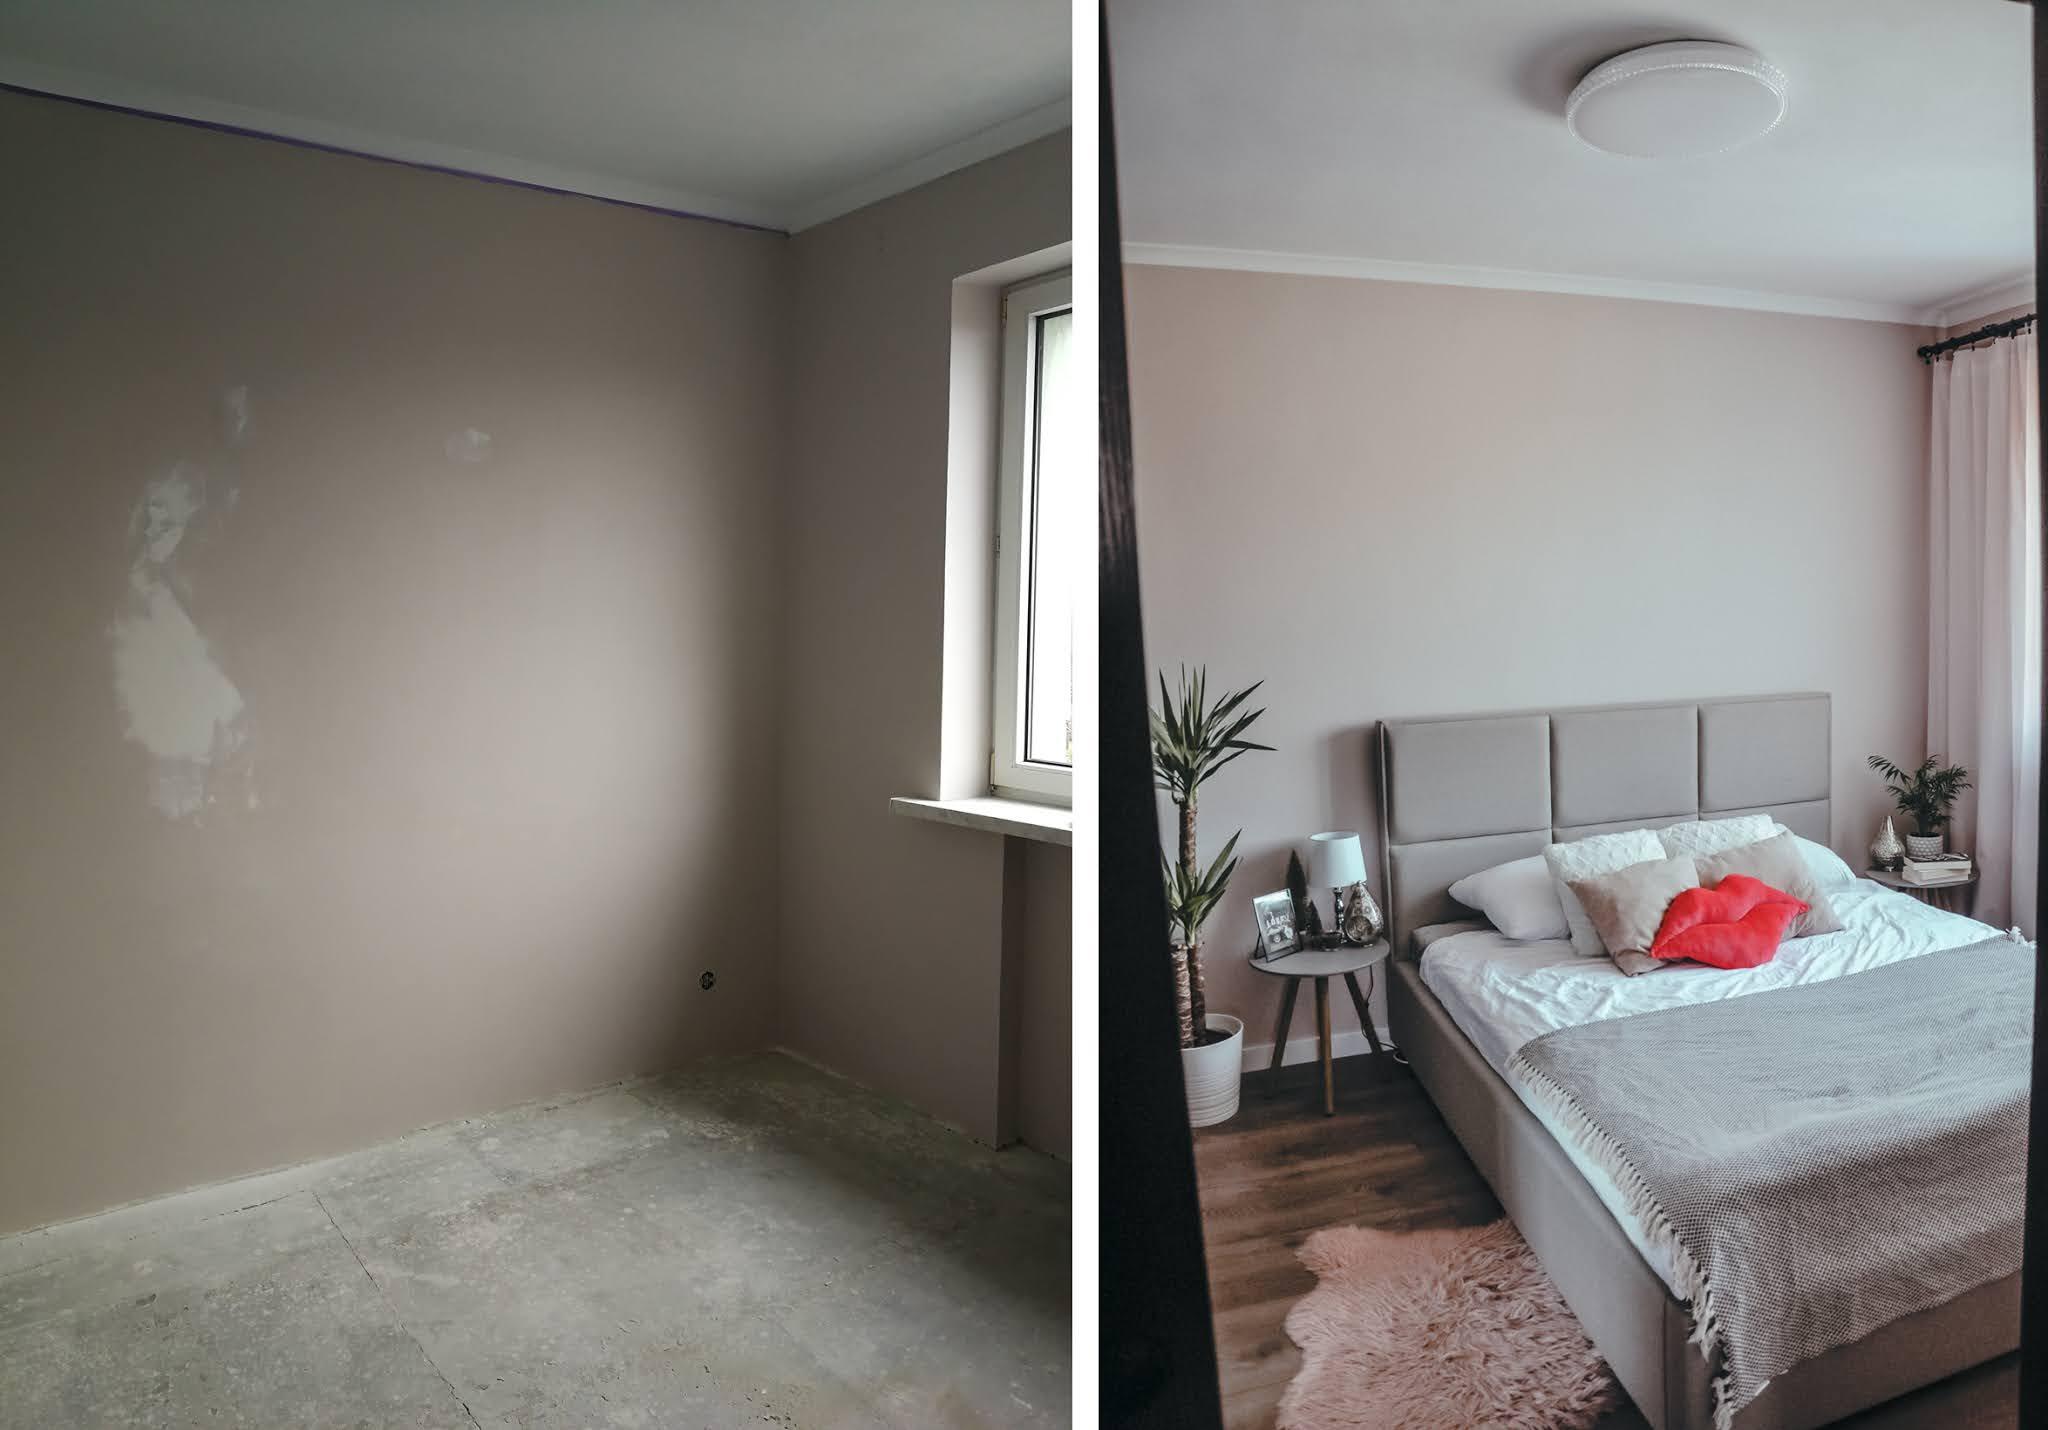 nowoczesna sypialnia przed i po